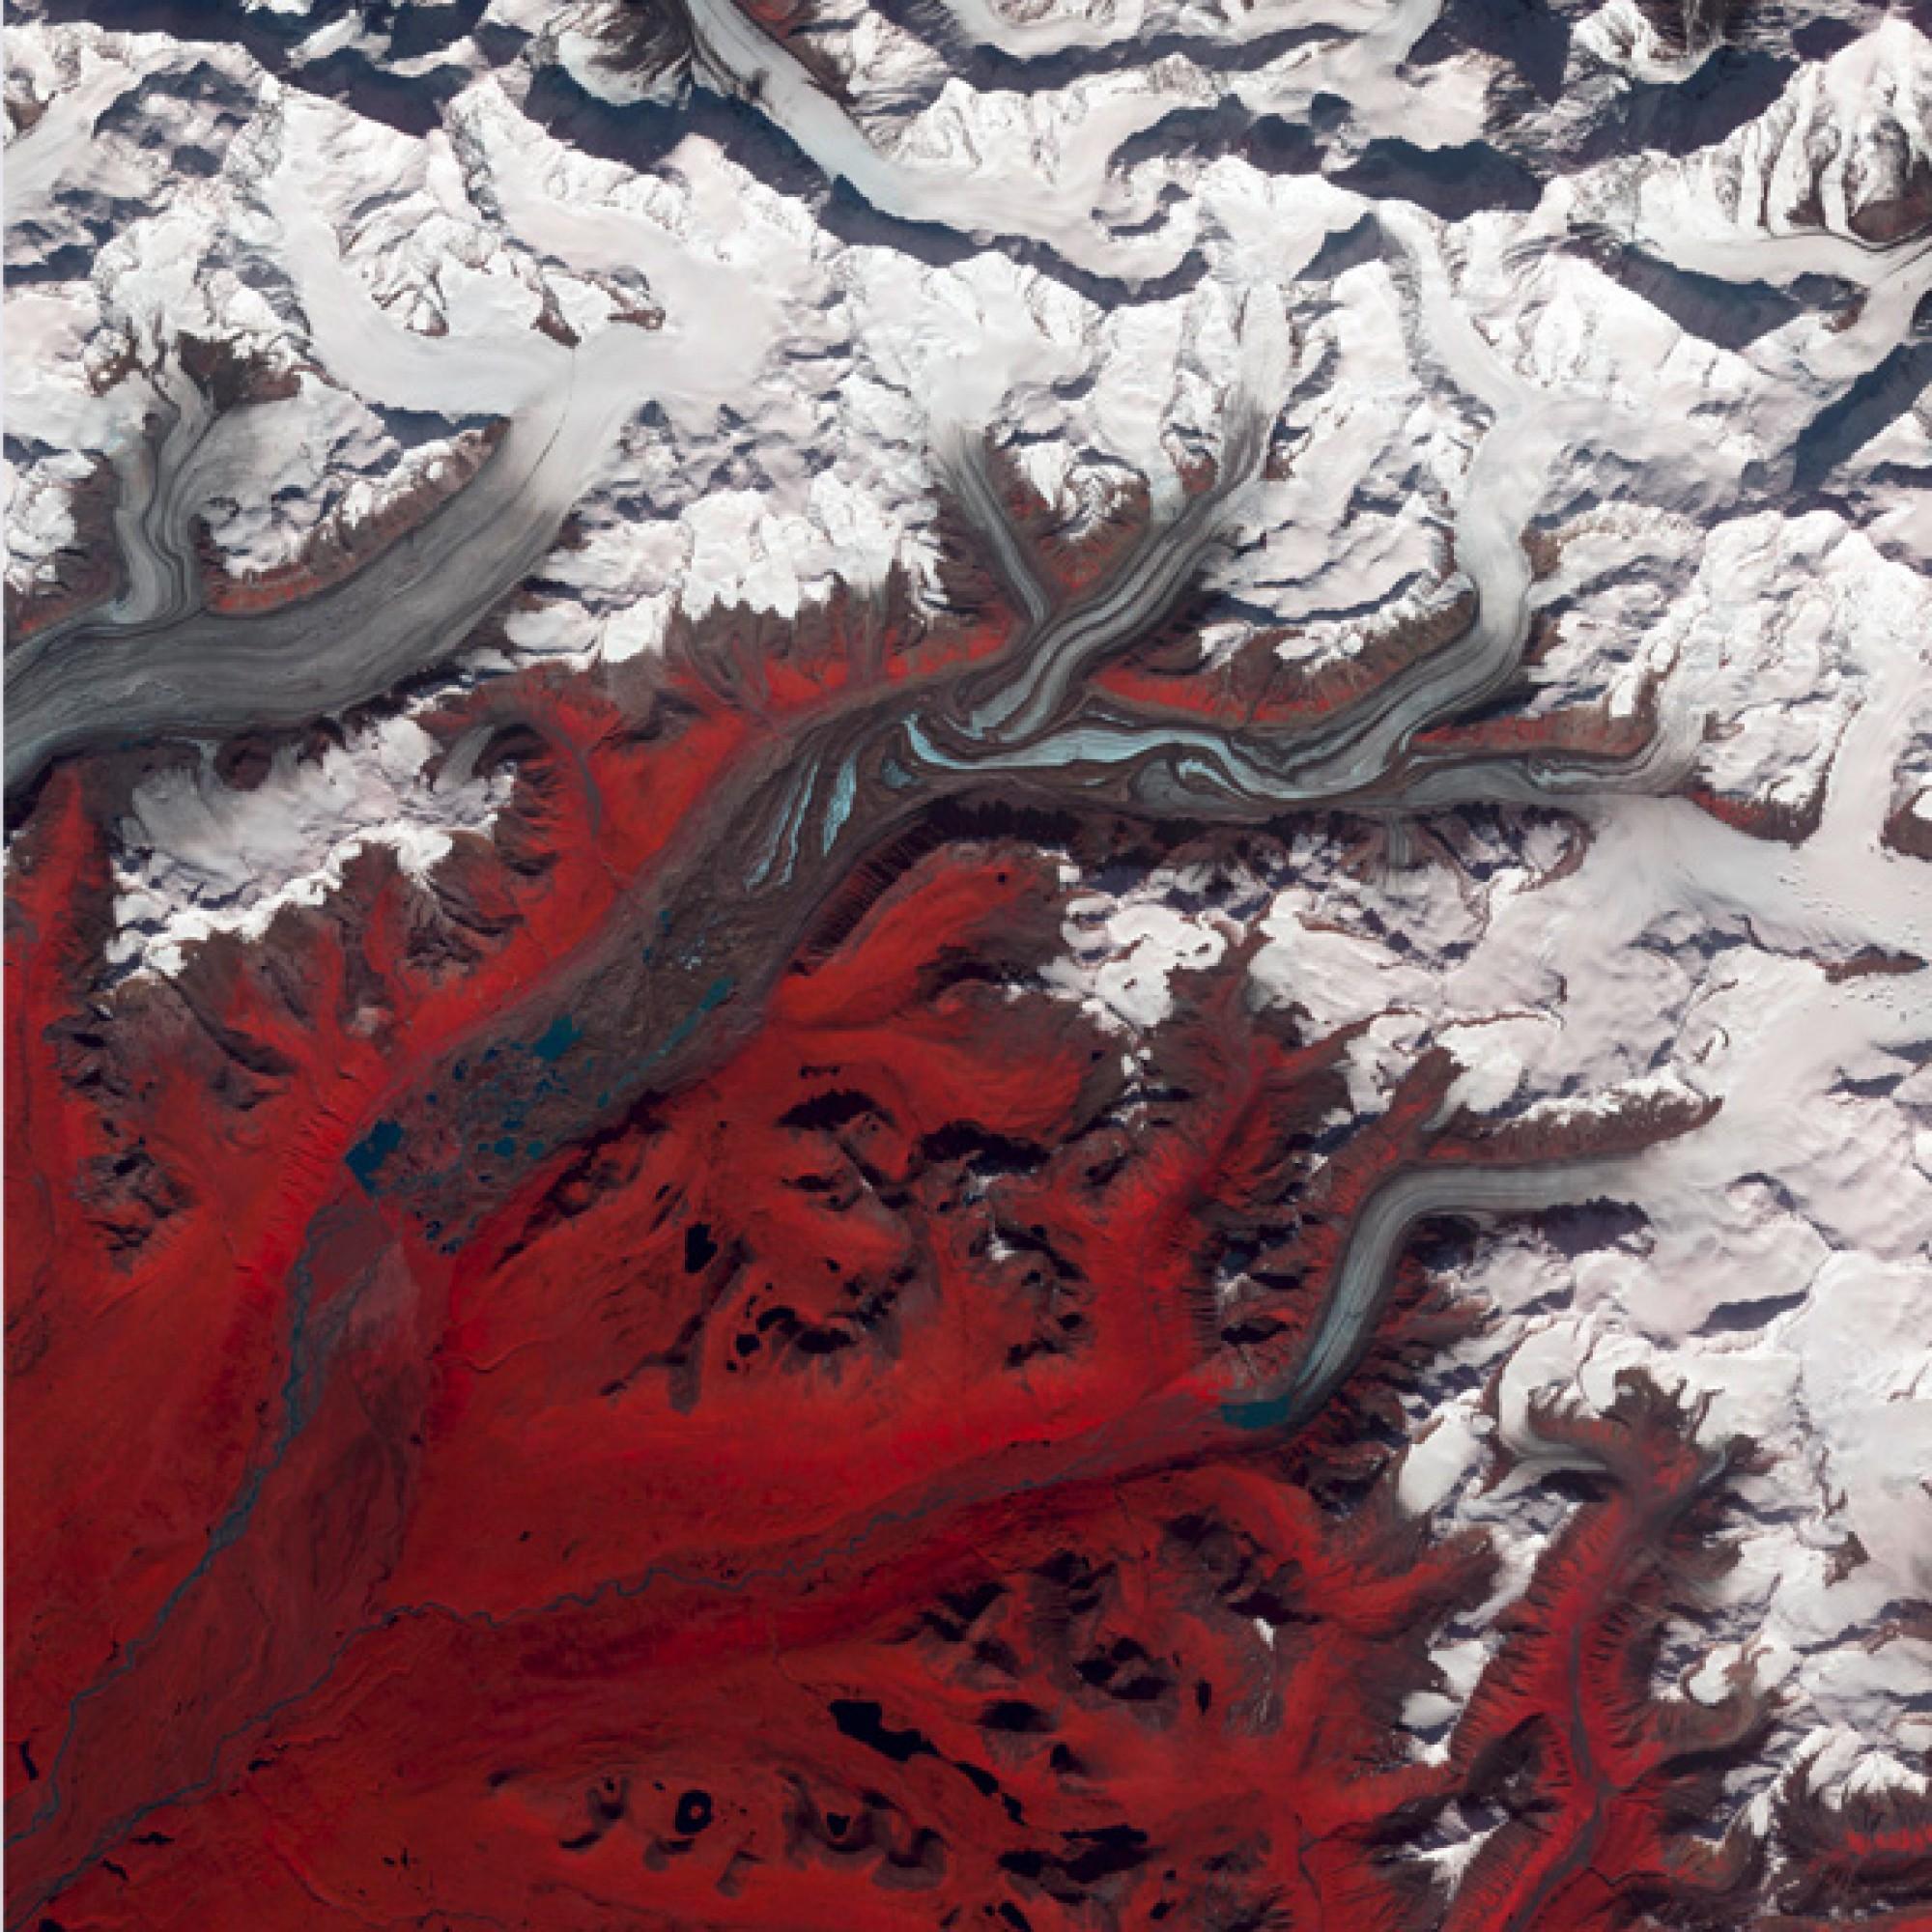 Susitna-Gletscher in Alaska. Die Farben wurden verfremdet: Die Gebiete, in denen es Vegetation gibt, sind rot.